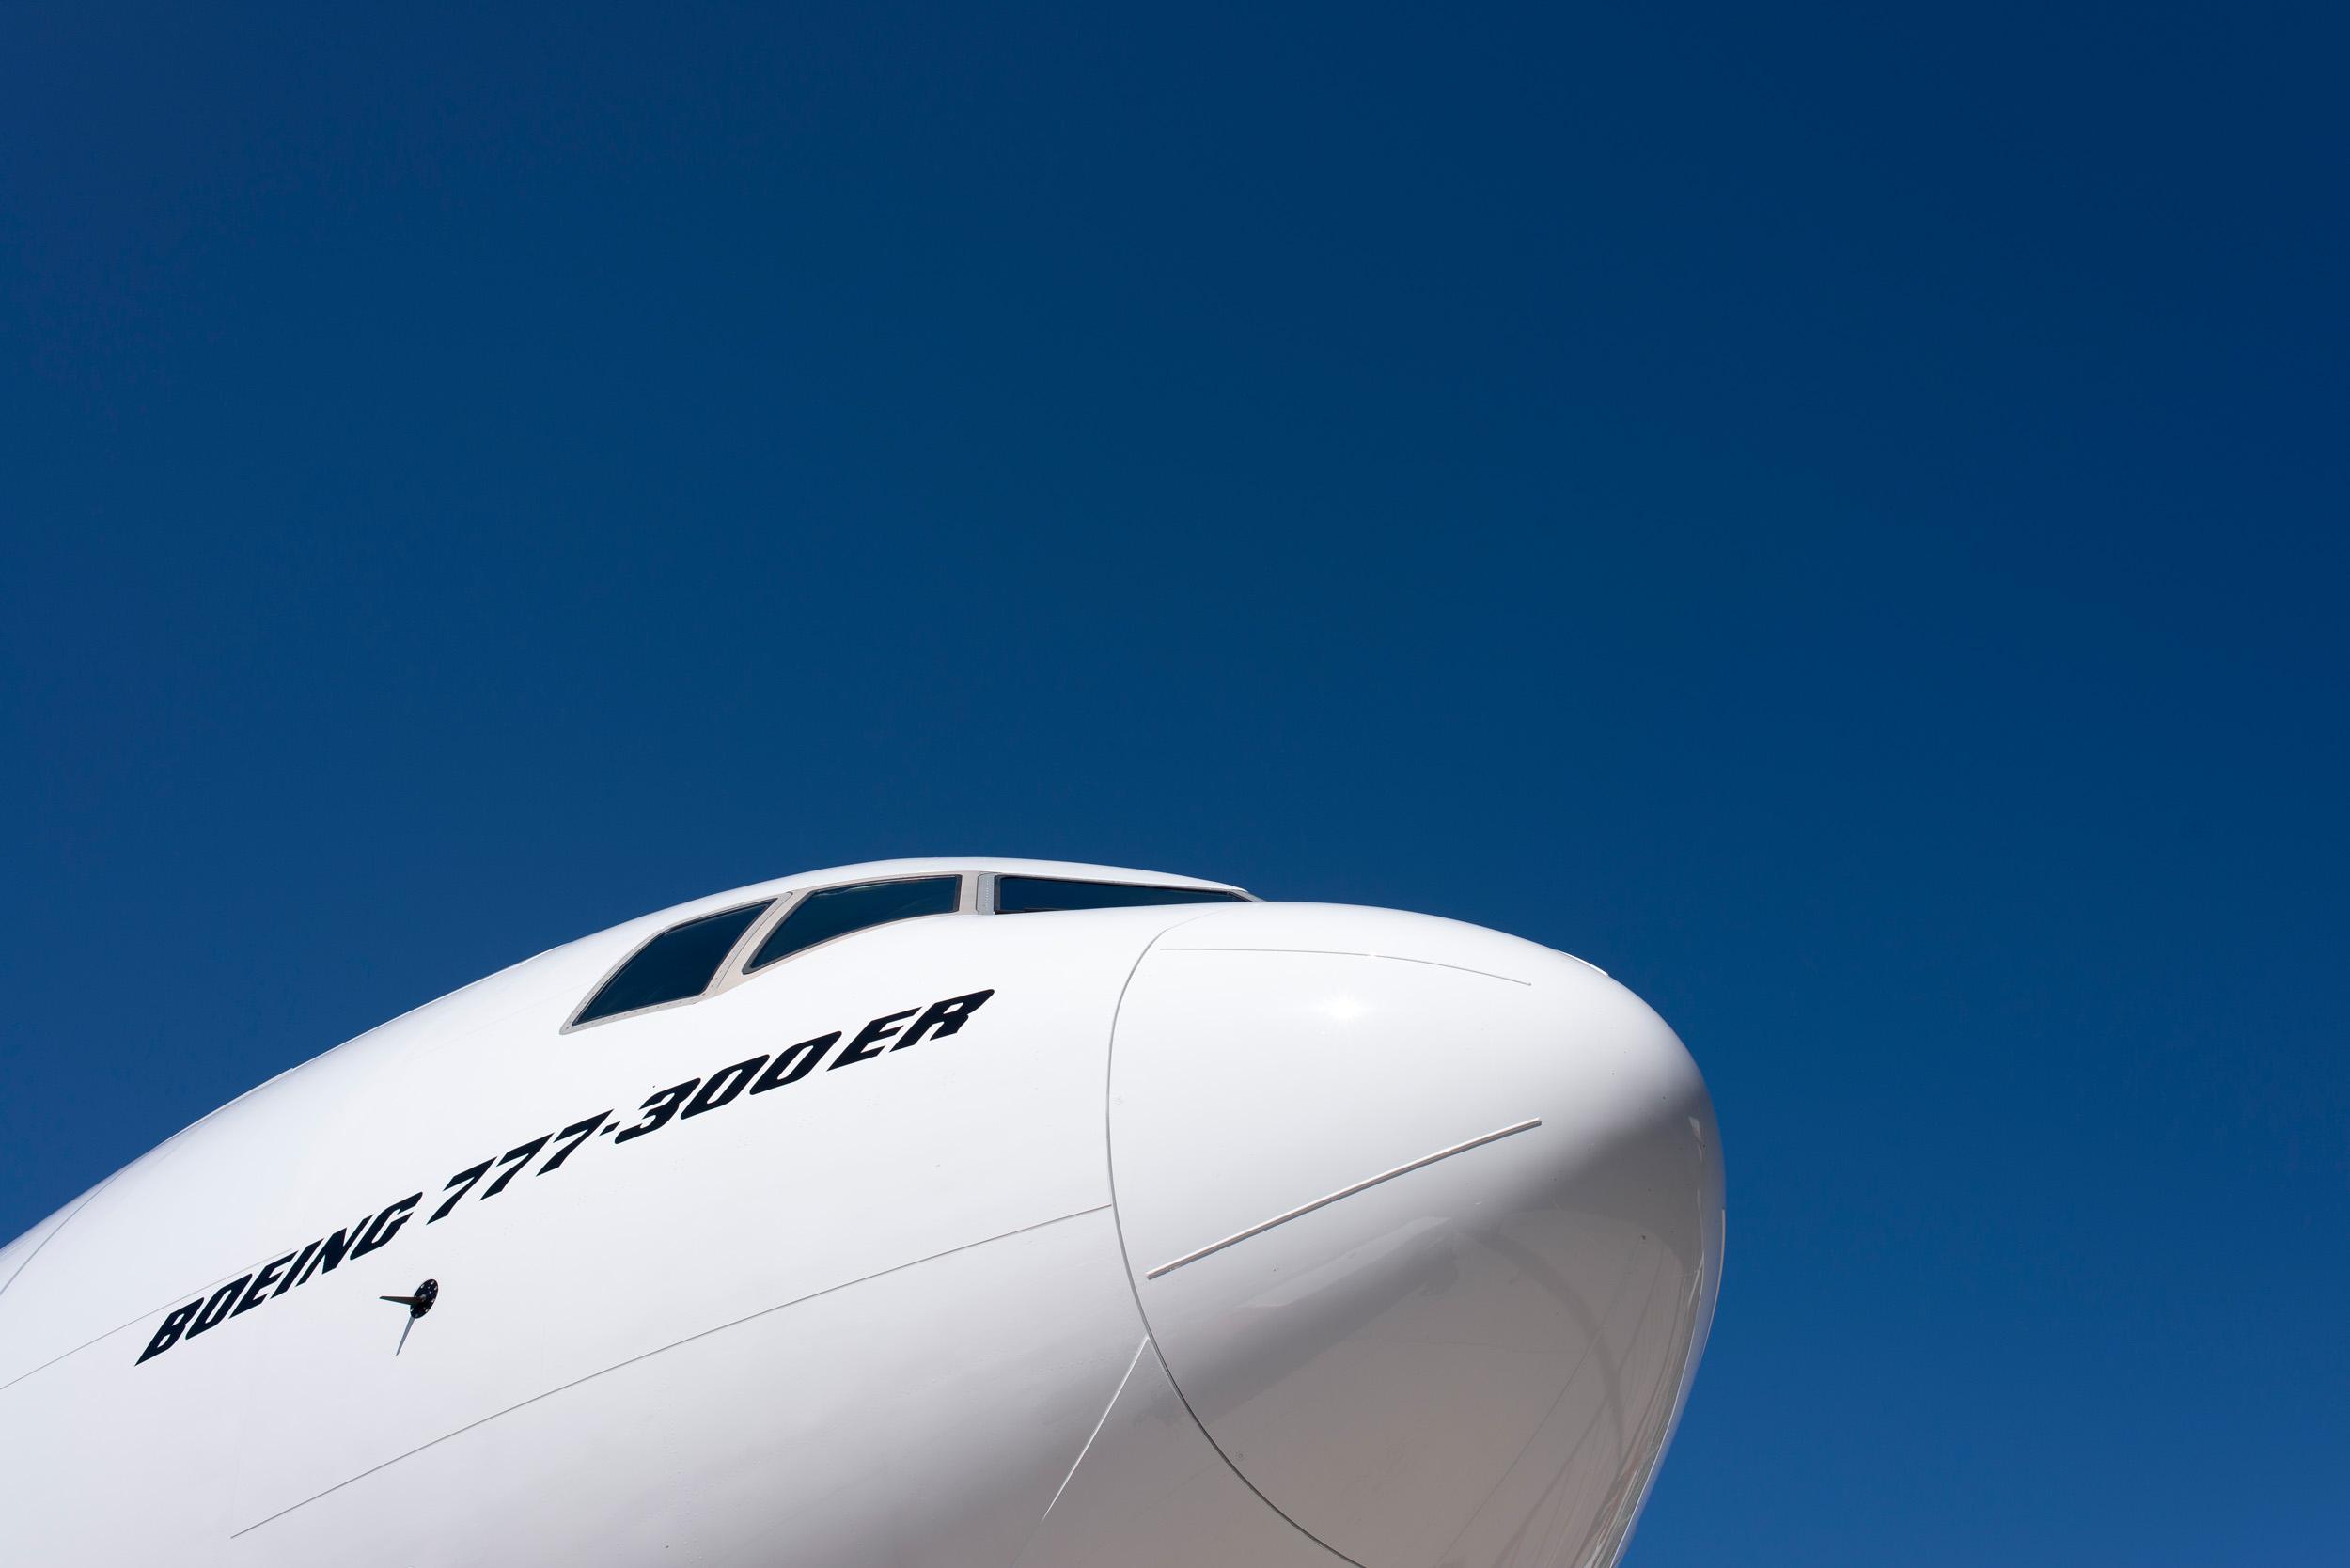 simon.casson.adelaide.aviation.photographer.005.jpg